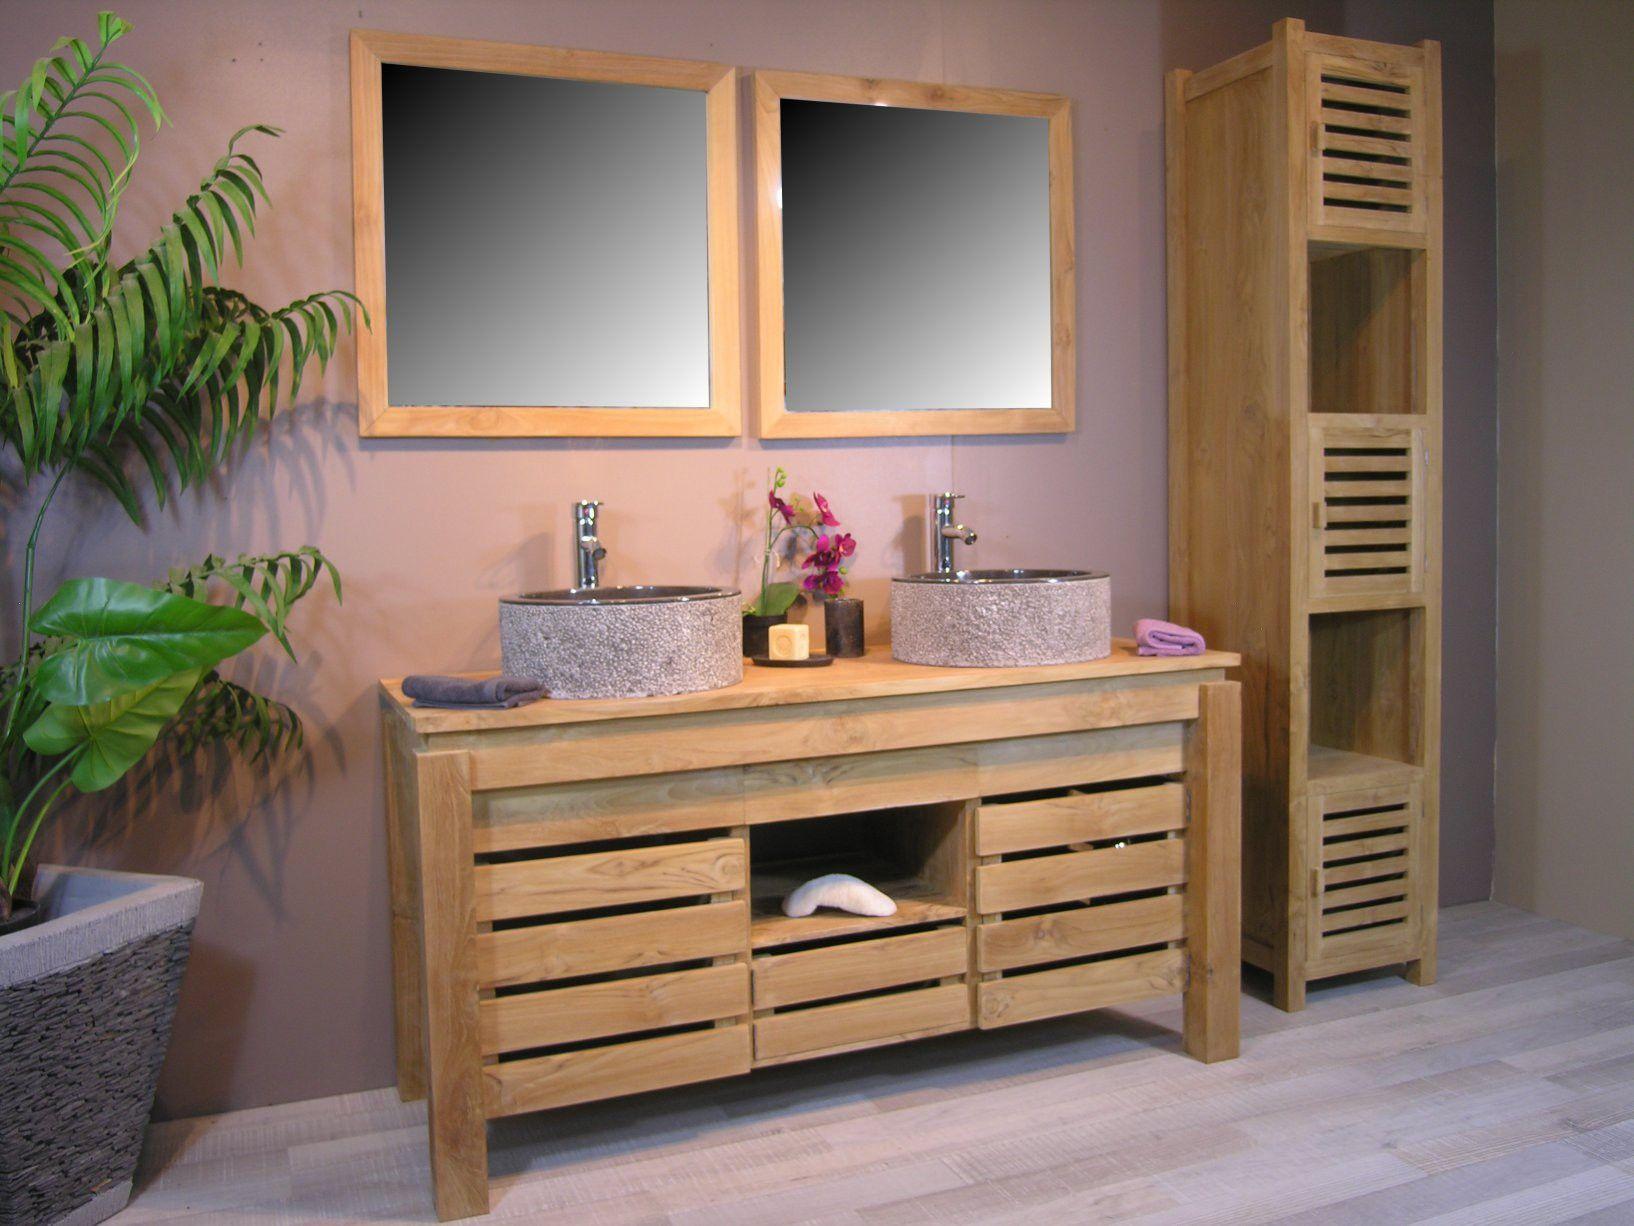 Meuble Salle De Bain En Teck Pas Cher 15 Double Vasque Zen Promo